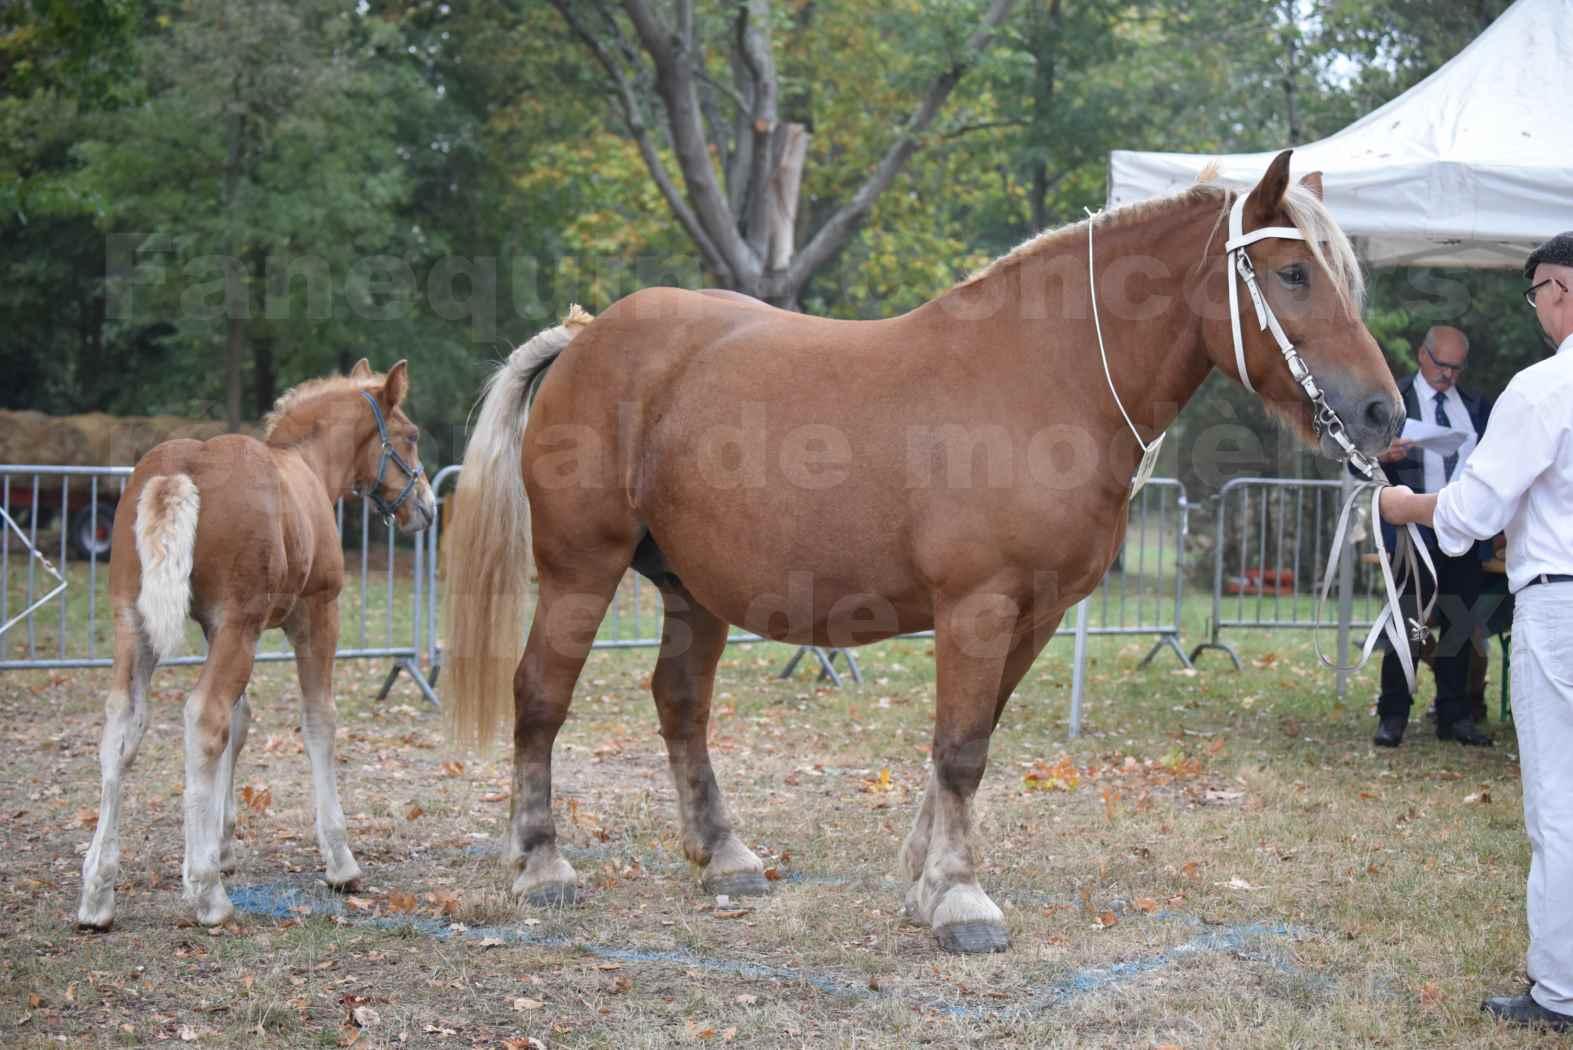 Concours Régional de chevaux de traits en 2017 - Jument & Poulain COMTOIS - ALLIANCE 3 - 01